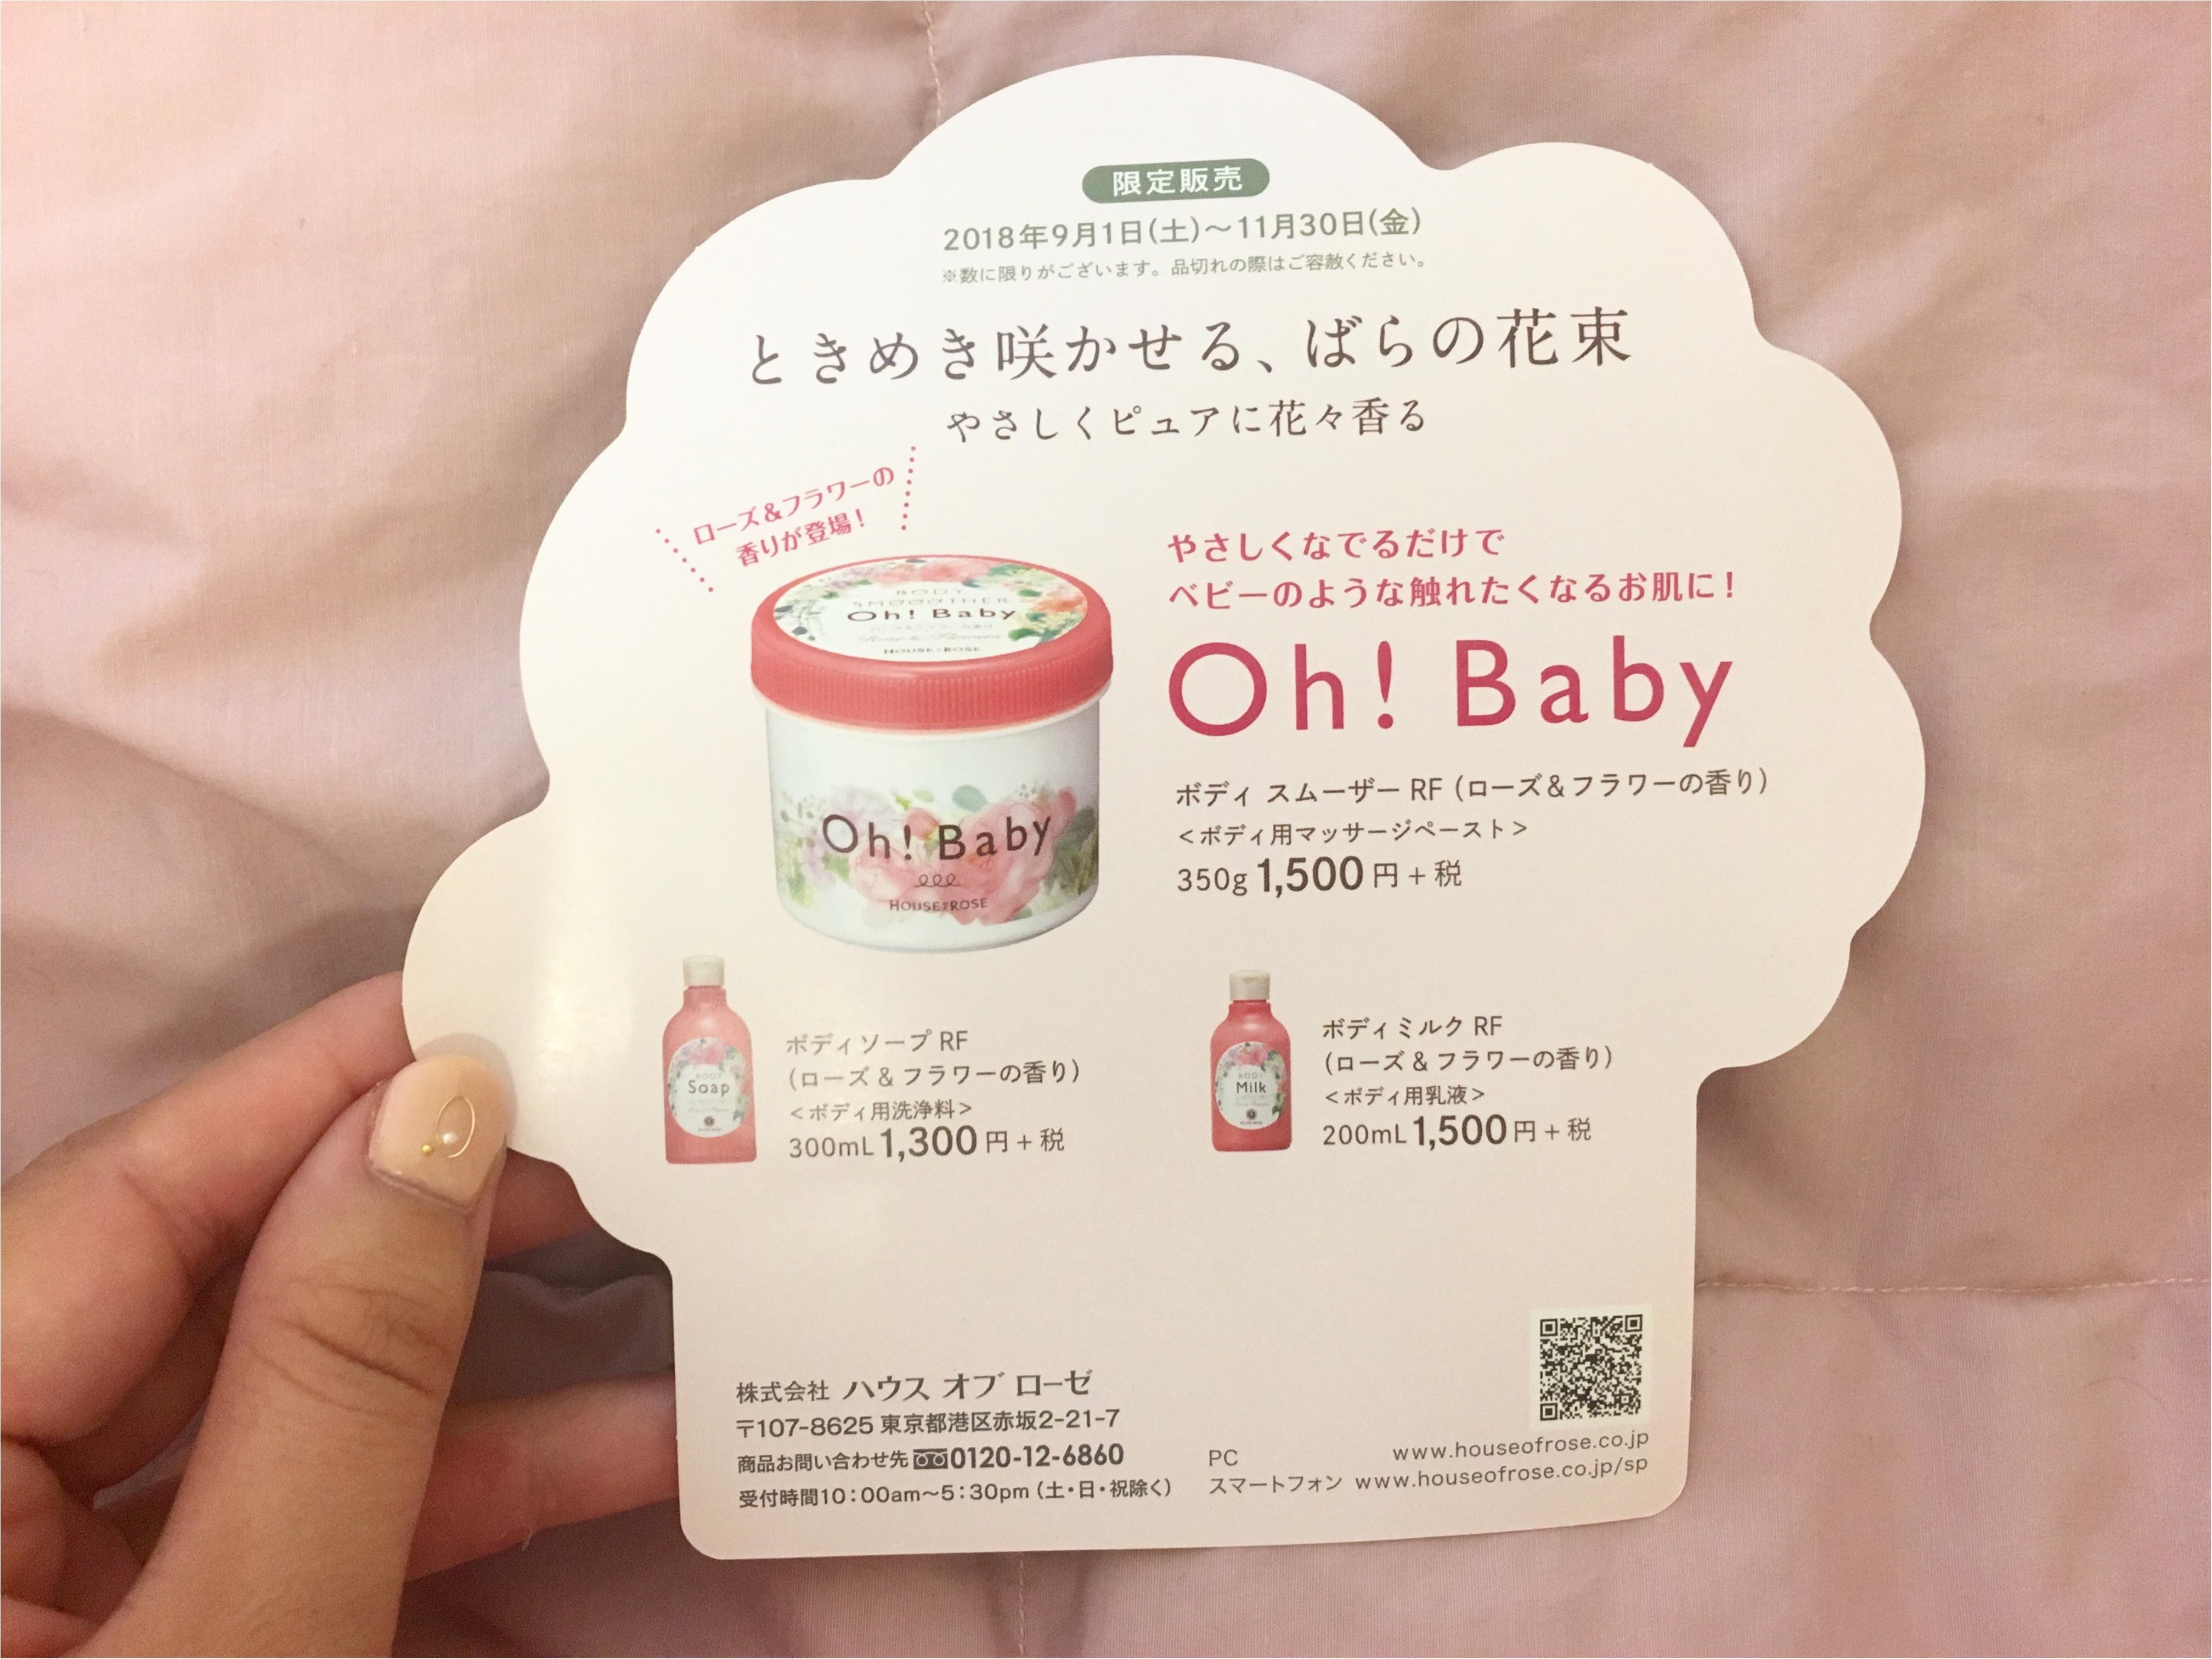 【HOUSE OF ROSE(ハウスオブローゼ)】ボディスムーザー『Oh!Baby』限定ローズの香り_3